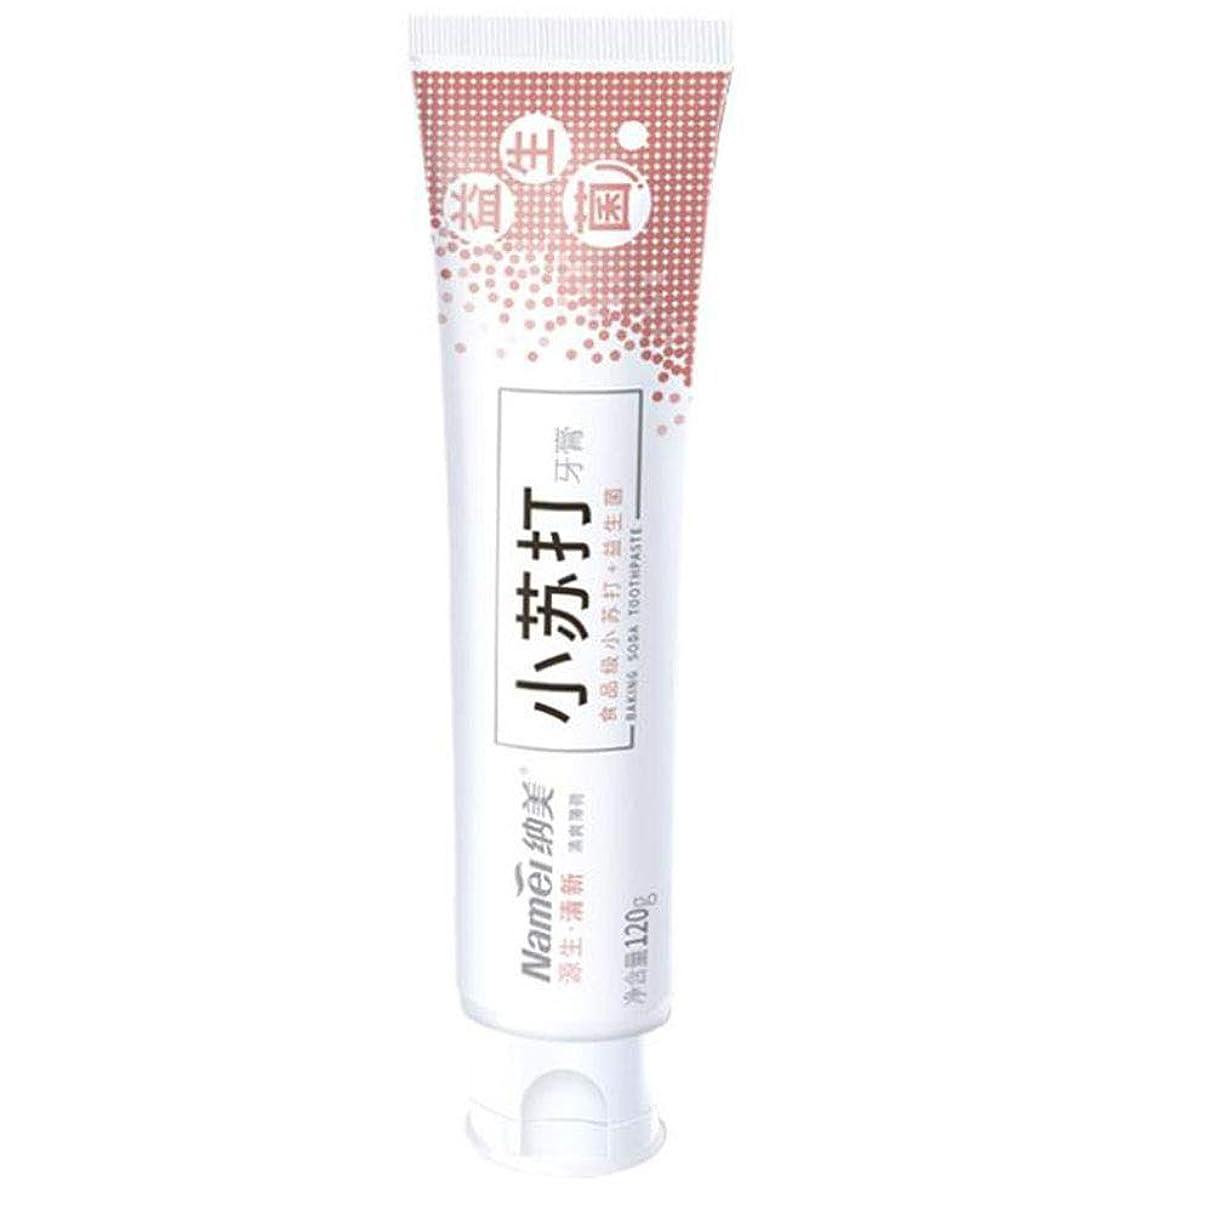 泥だらけ赤字模倣Calloy クリア 汚れ クリーン 歯 歯磨き粉 歯茎を守る 海塩 美白 歯磨き粉 120g